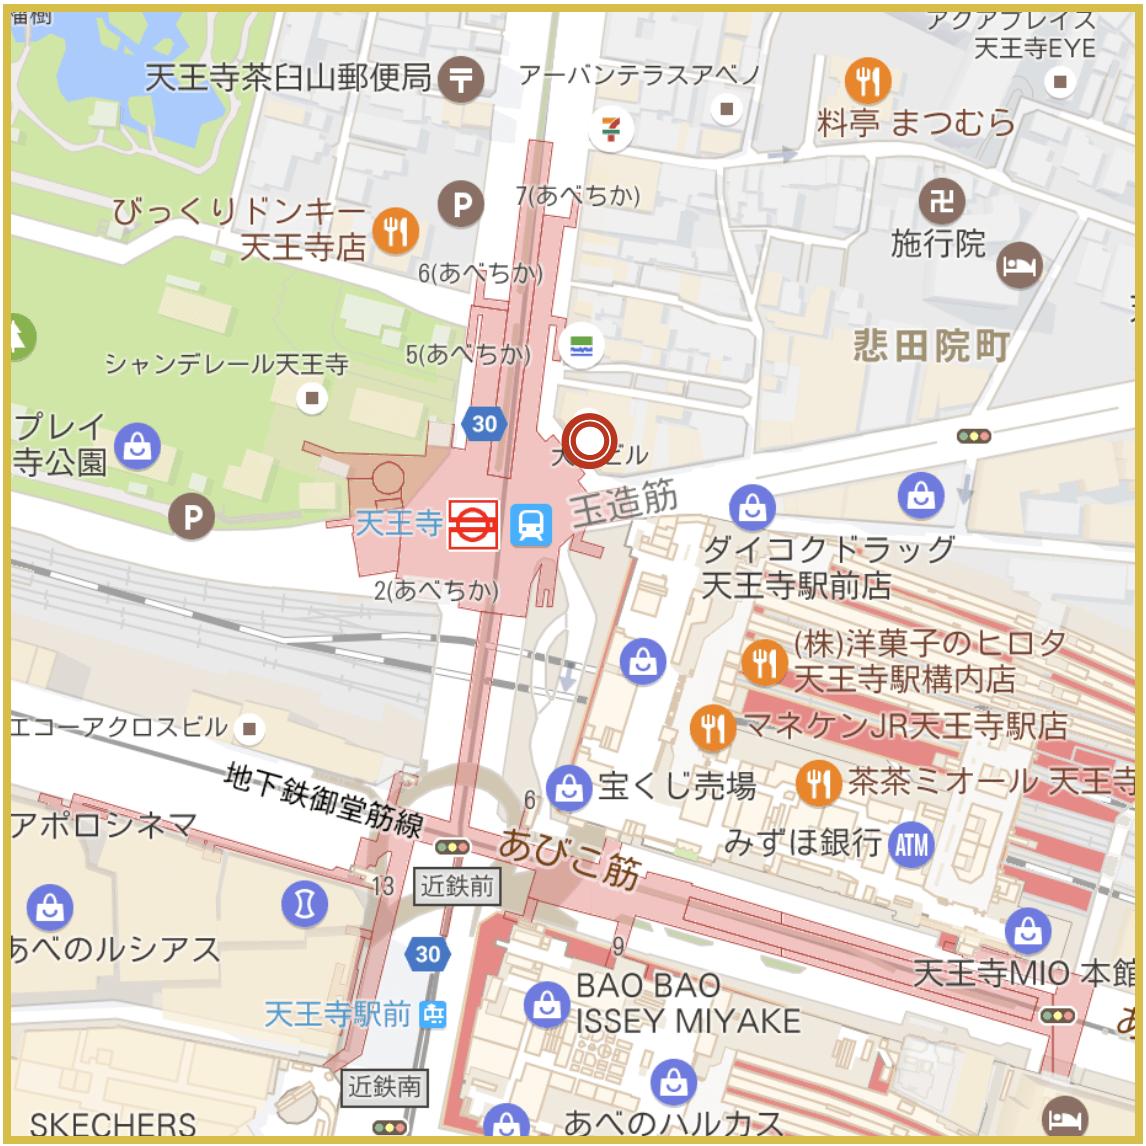 天王寺駅周辺にあるアイフル店舗・ATMの位置